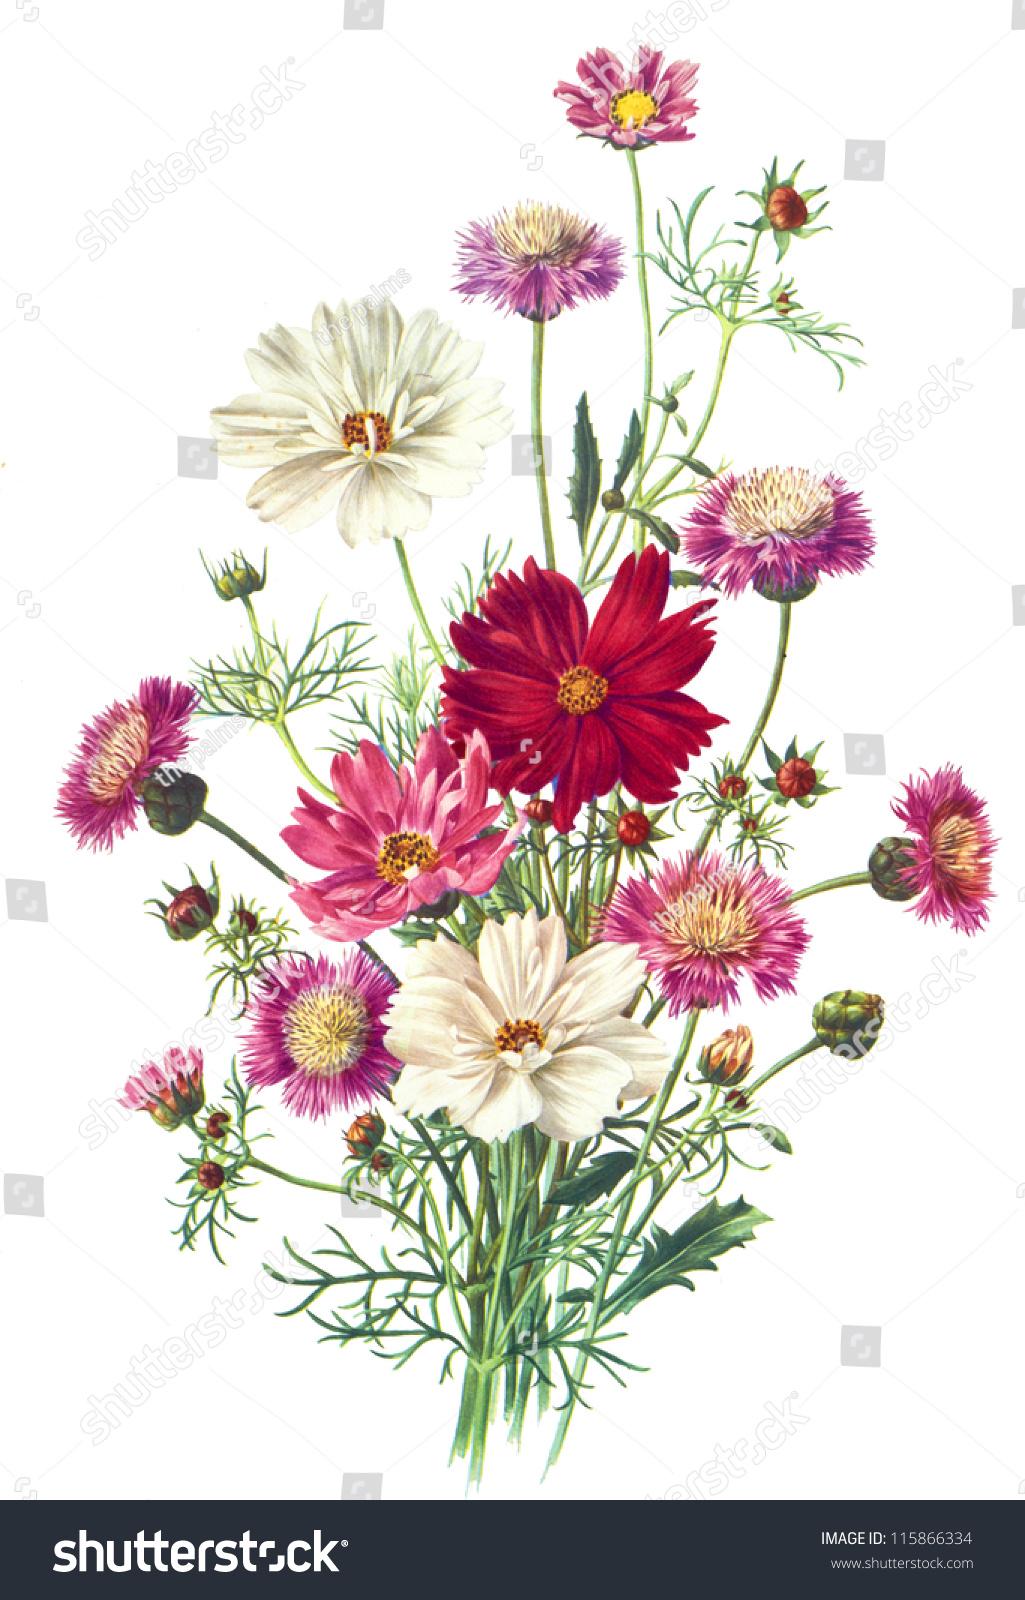 Flower Illustration Shutterstock